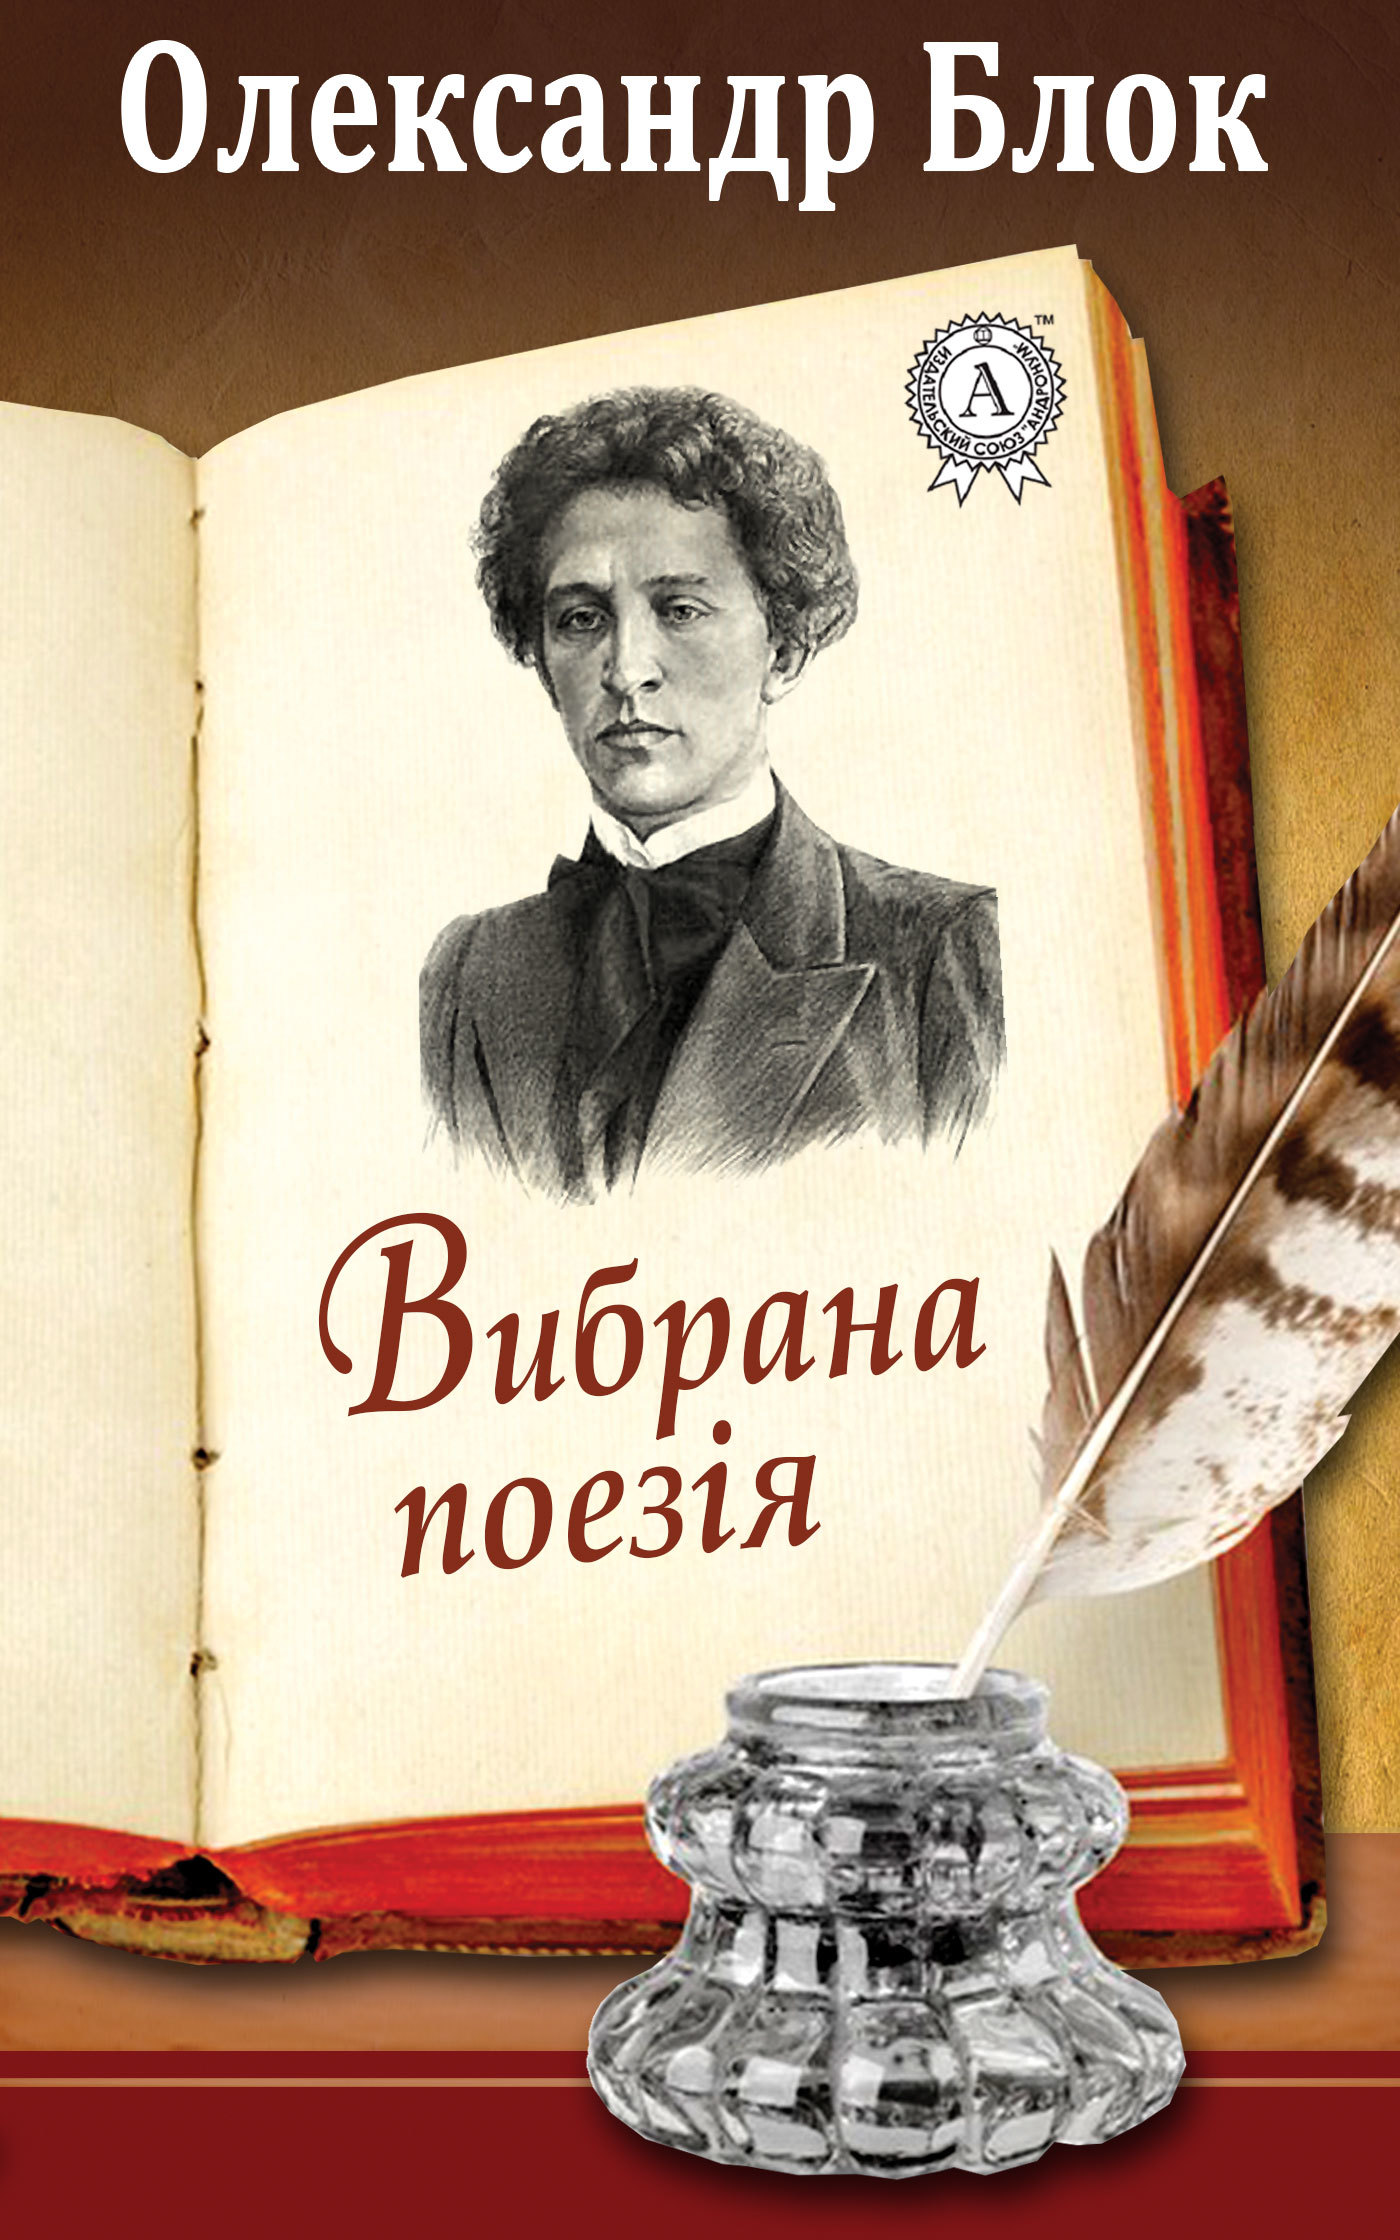 яркий рассказ в книге Олександр Блок